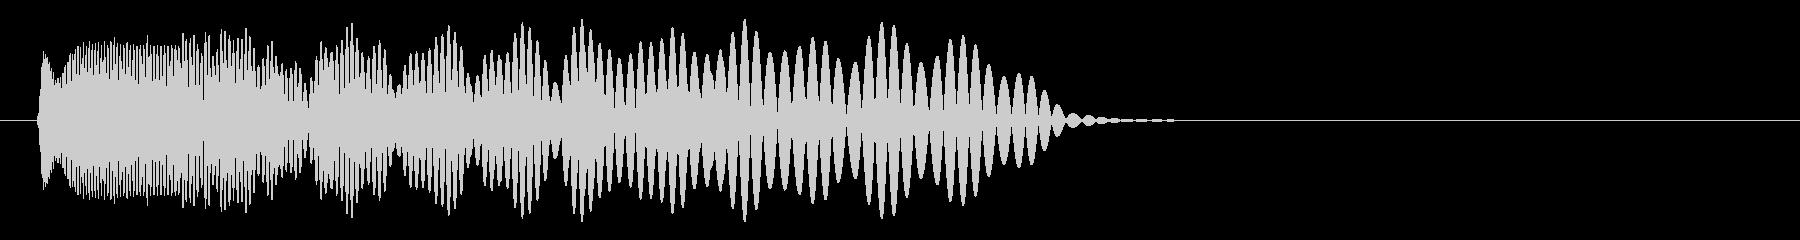 爆発・衝撃波・ソニックブーム14の未再生の波形